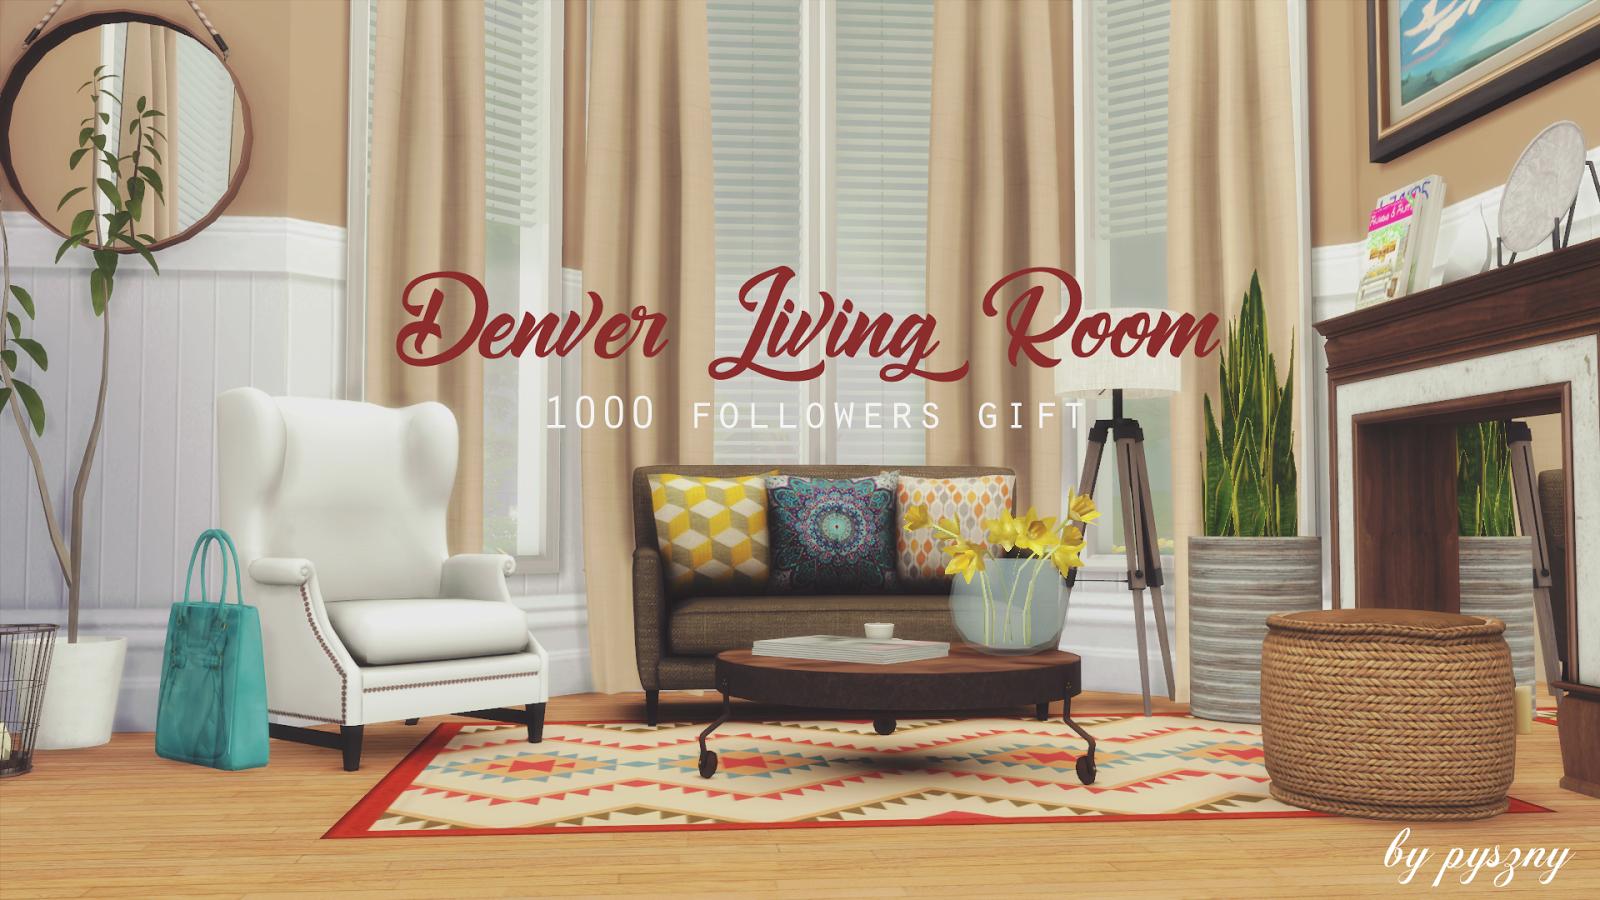 Denver Living Room - 1000 Followers on Tumblr Gift